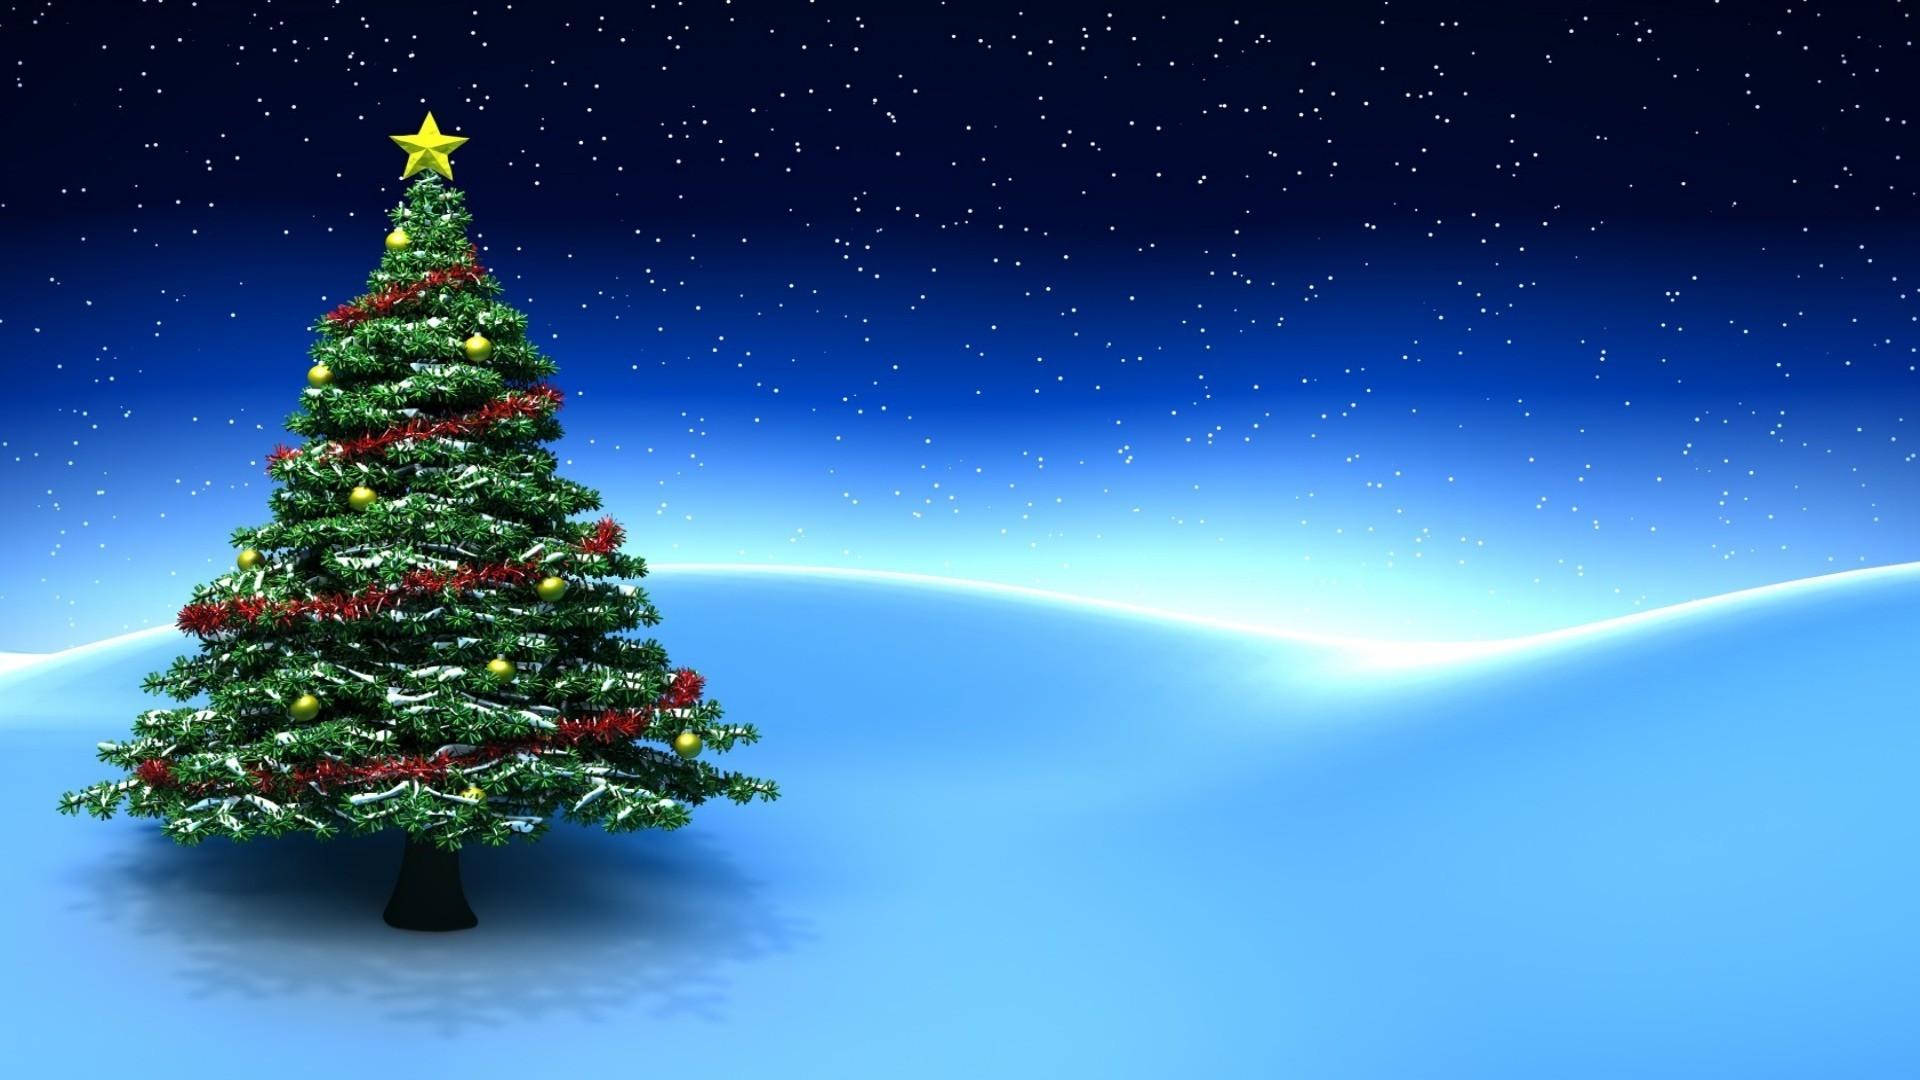 Физику надписью, картинки елка новогодняя на рабочий